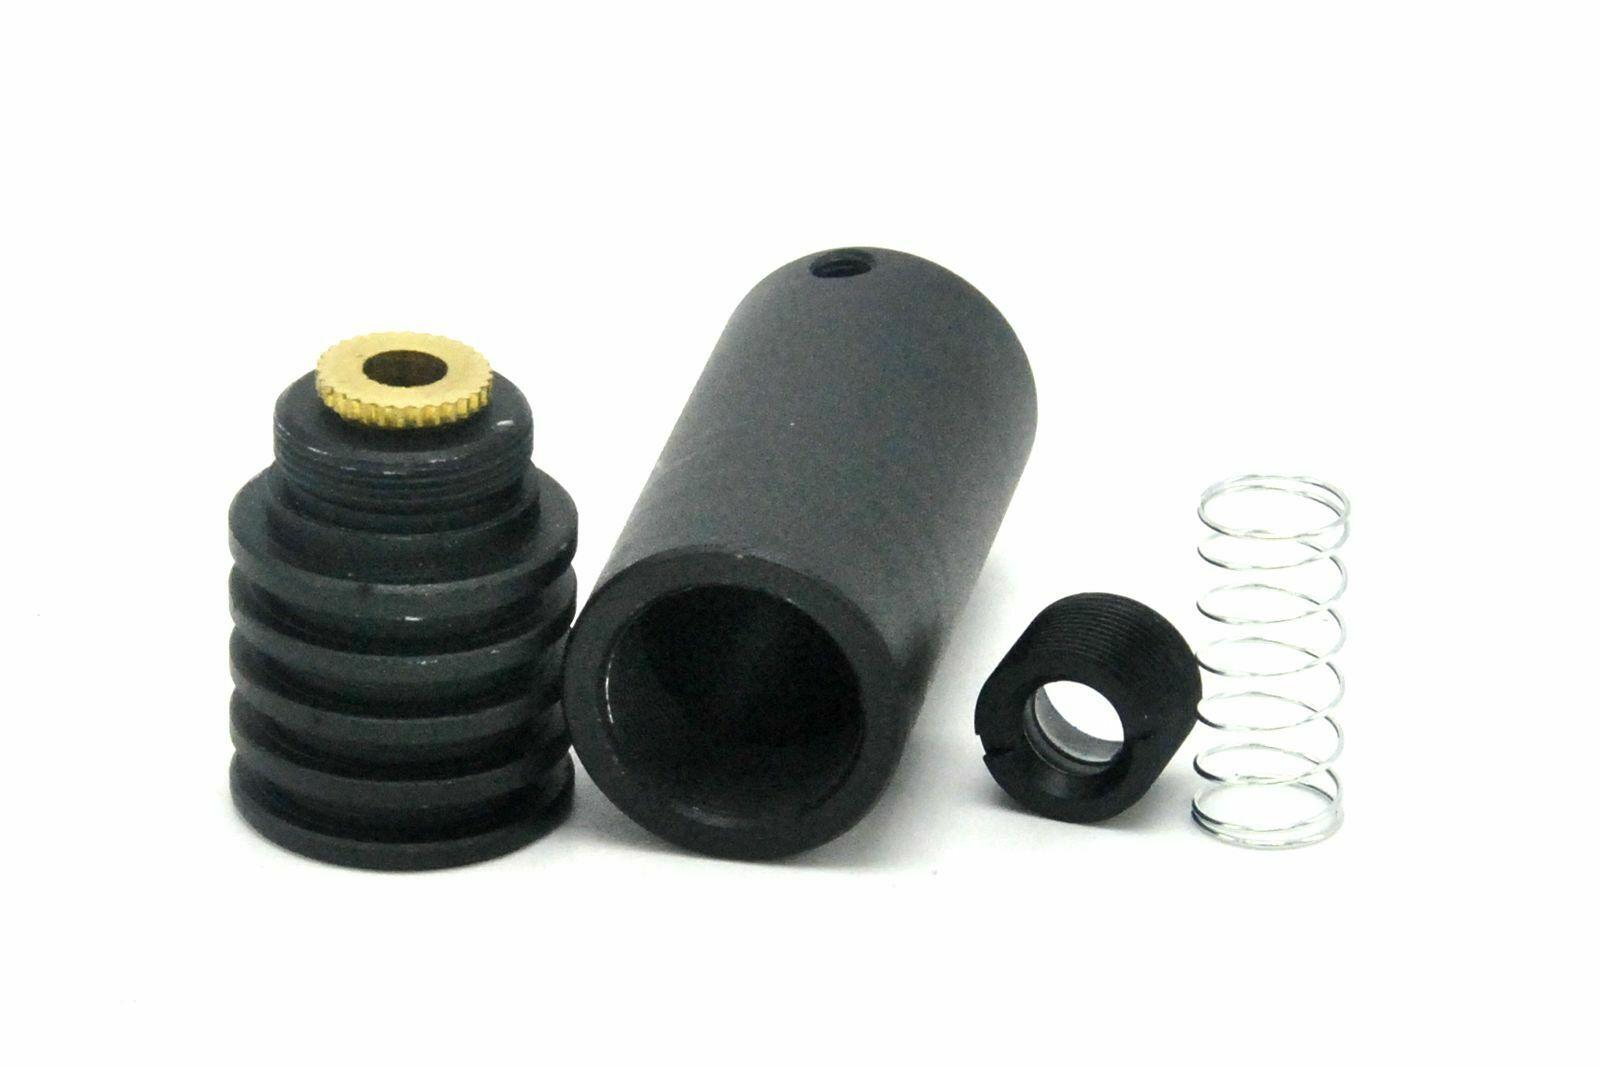 2шт 16x50 мм 5,6 мм TO-18 корпус% 2FCase с линзой 200 нм-1100 нм для лазера диода LD